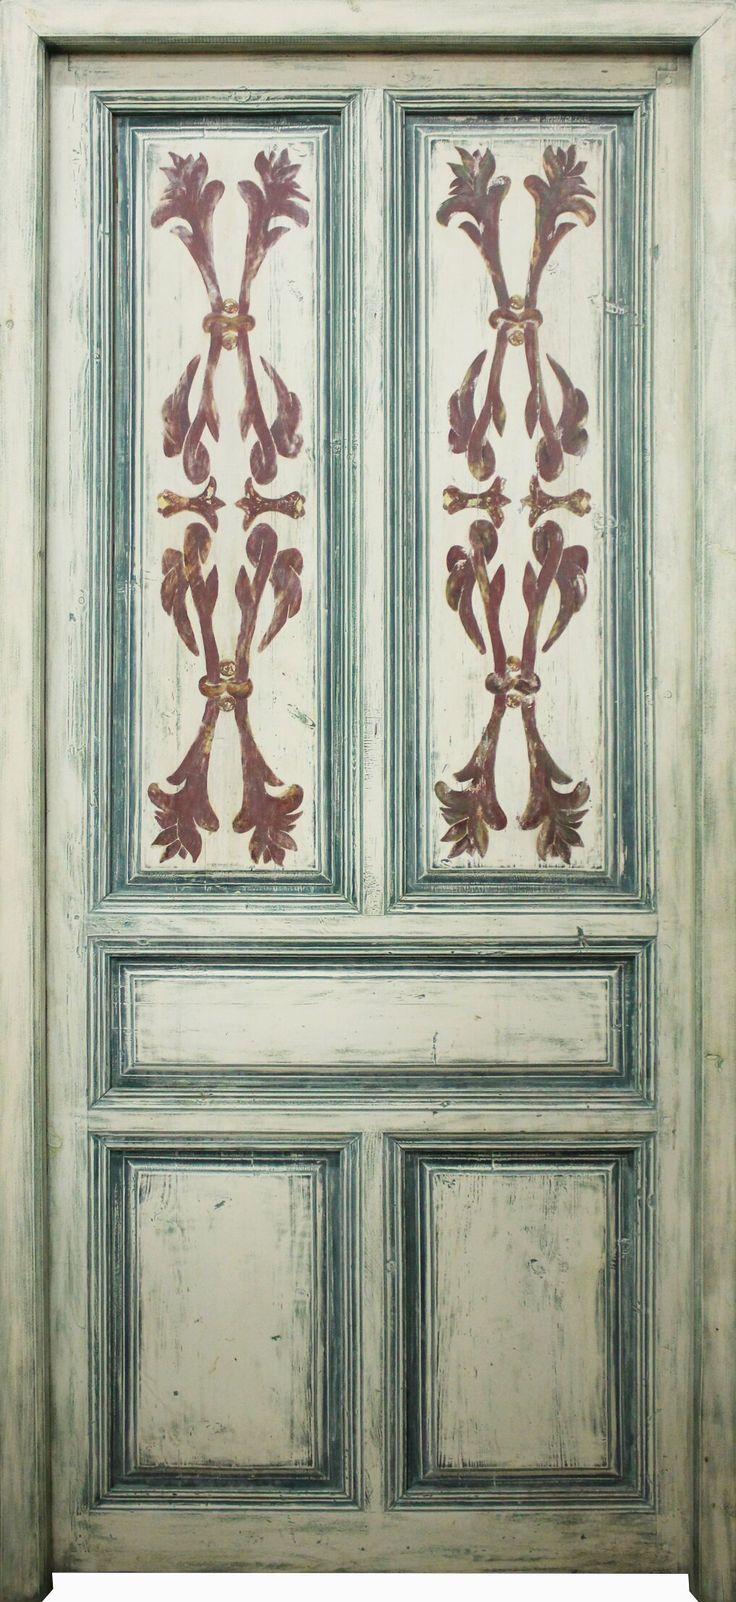 AC-218 - Conely | Puertas de madera, metal y forja, rústicas, artesanales. Decoración.